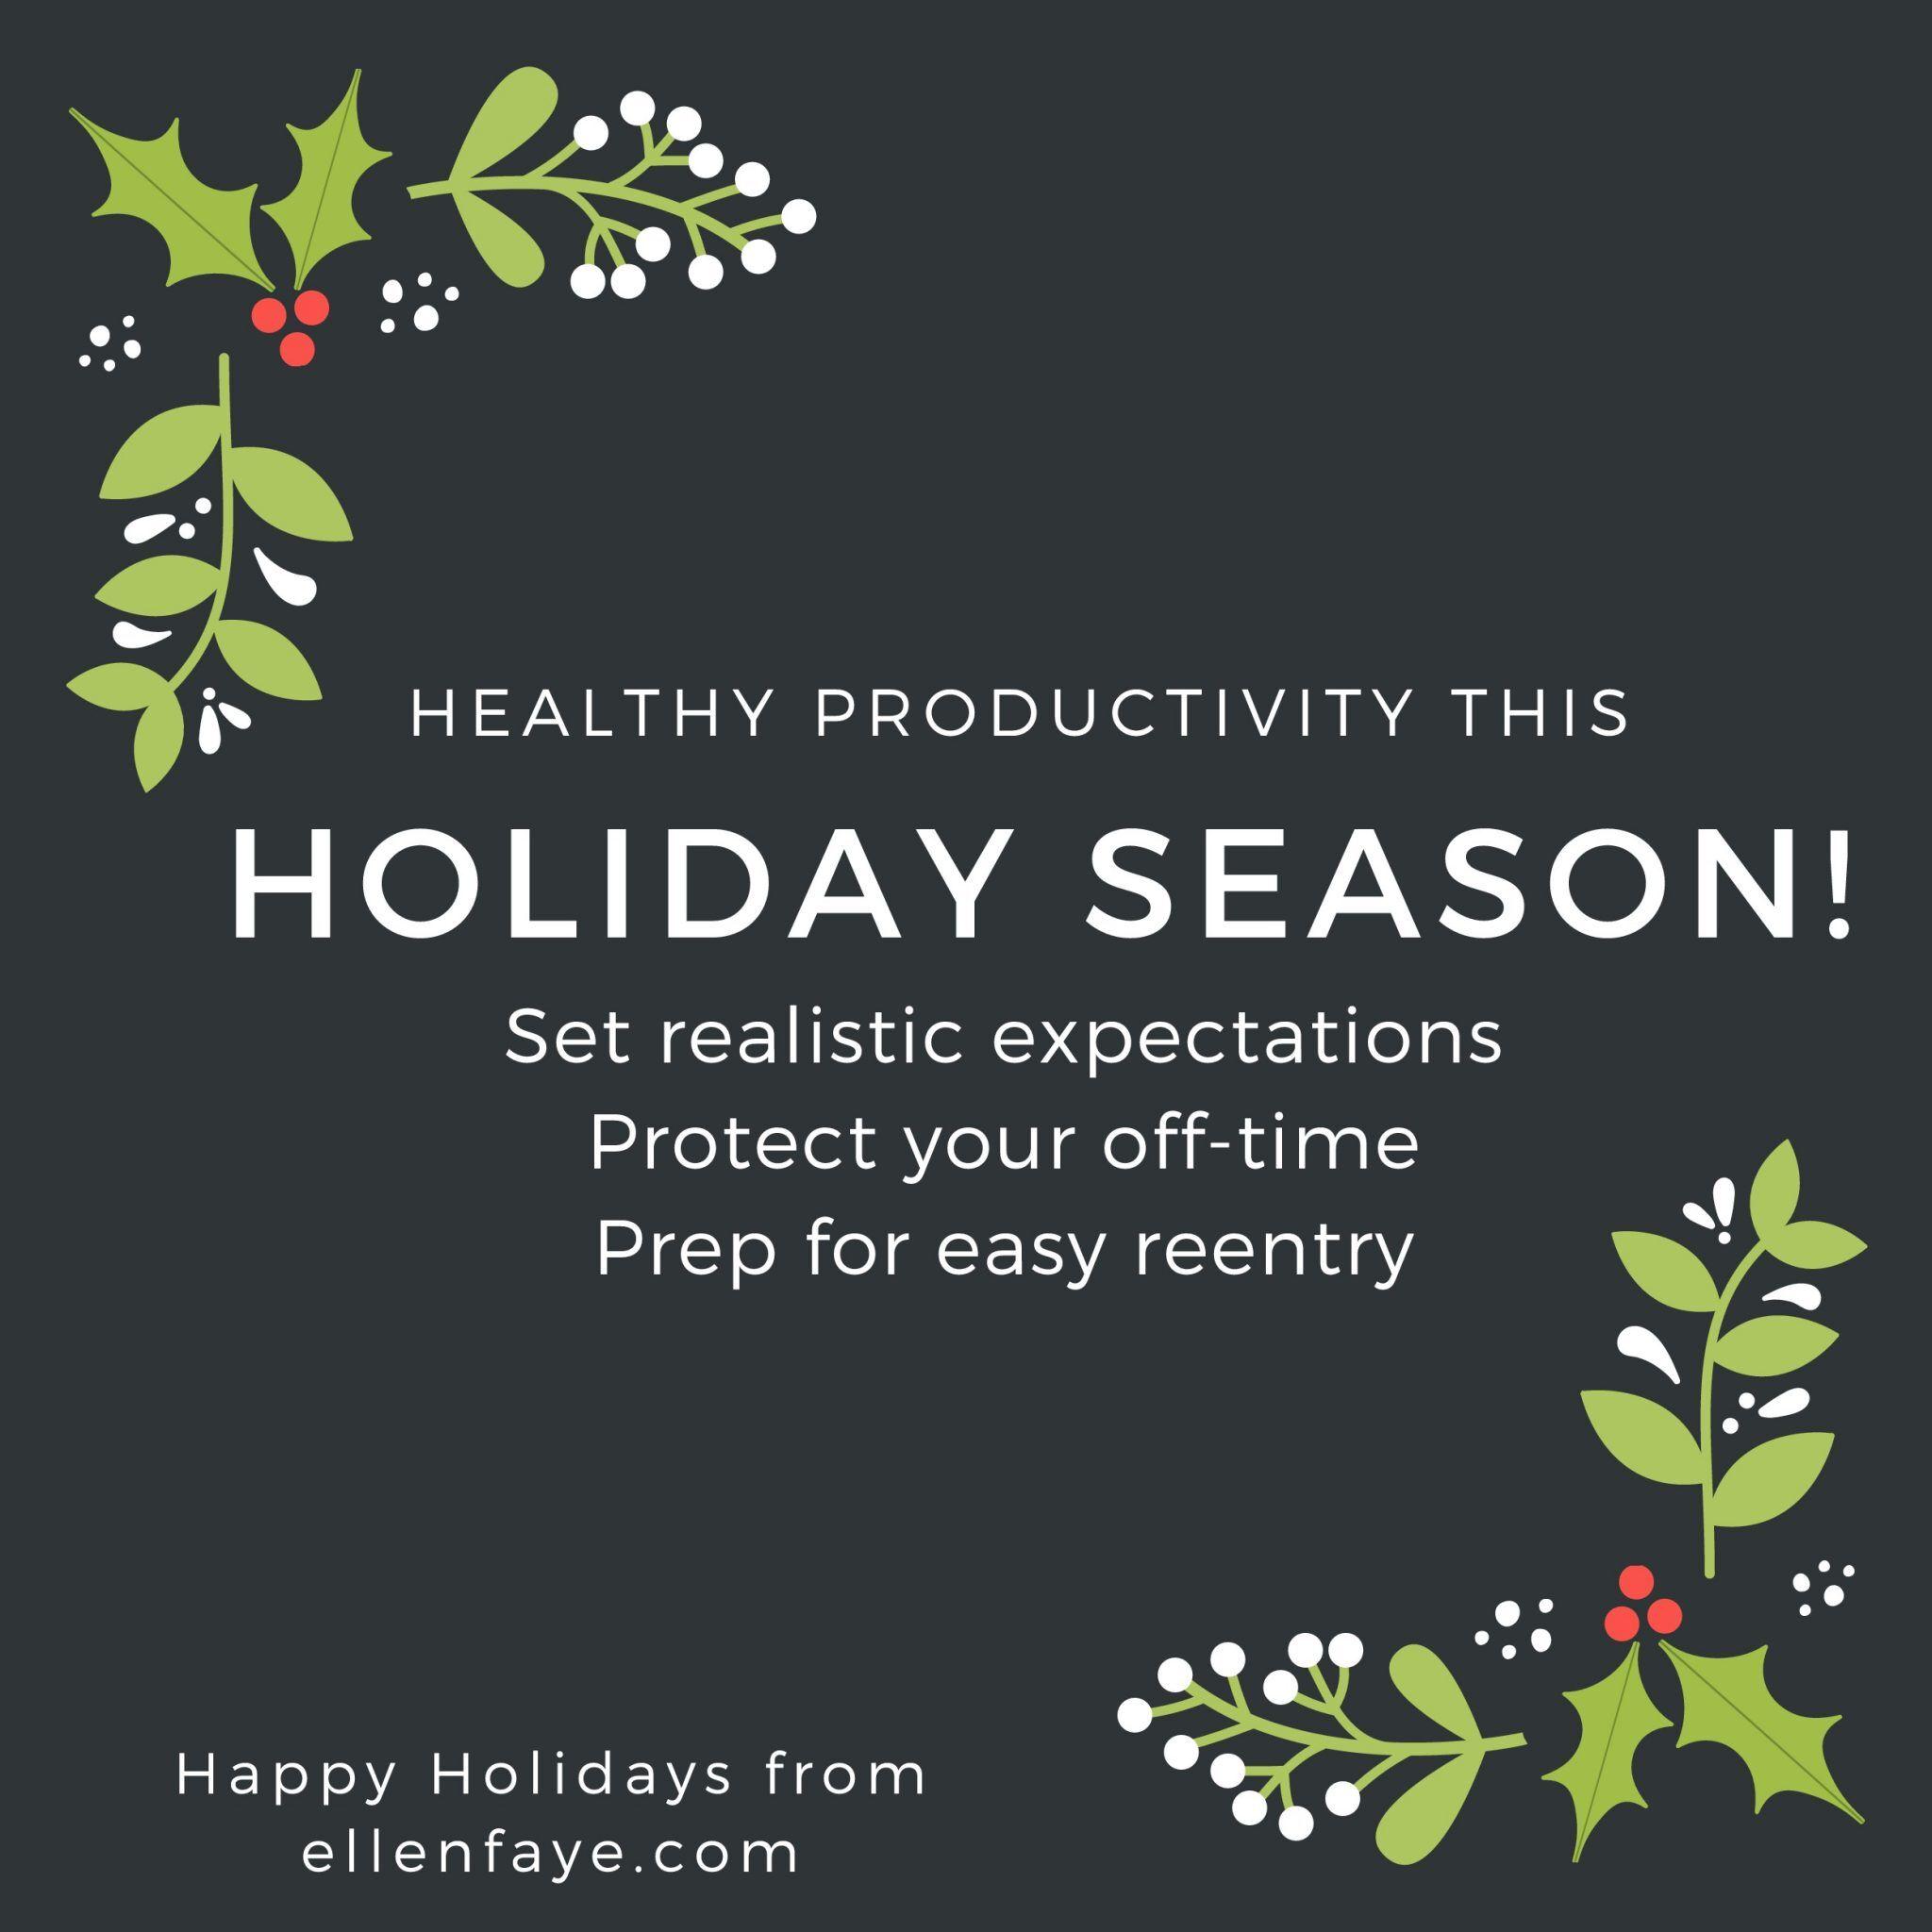 healthy productivity